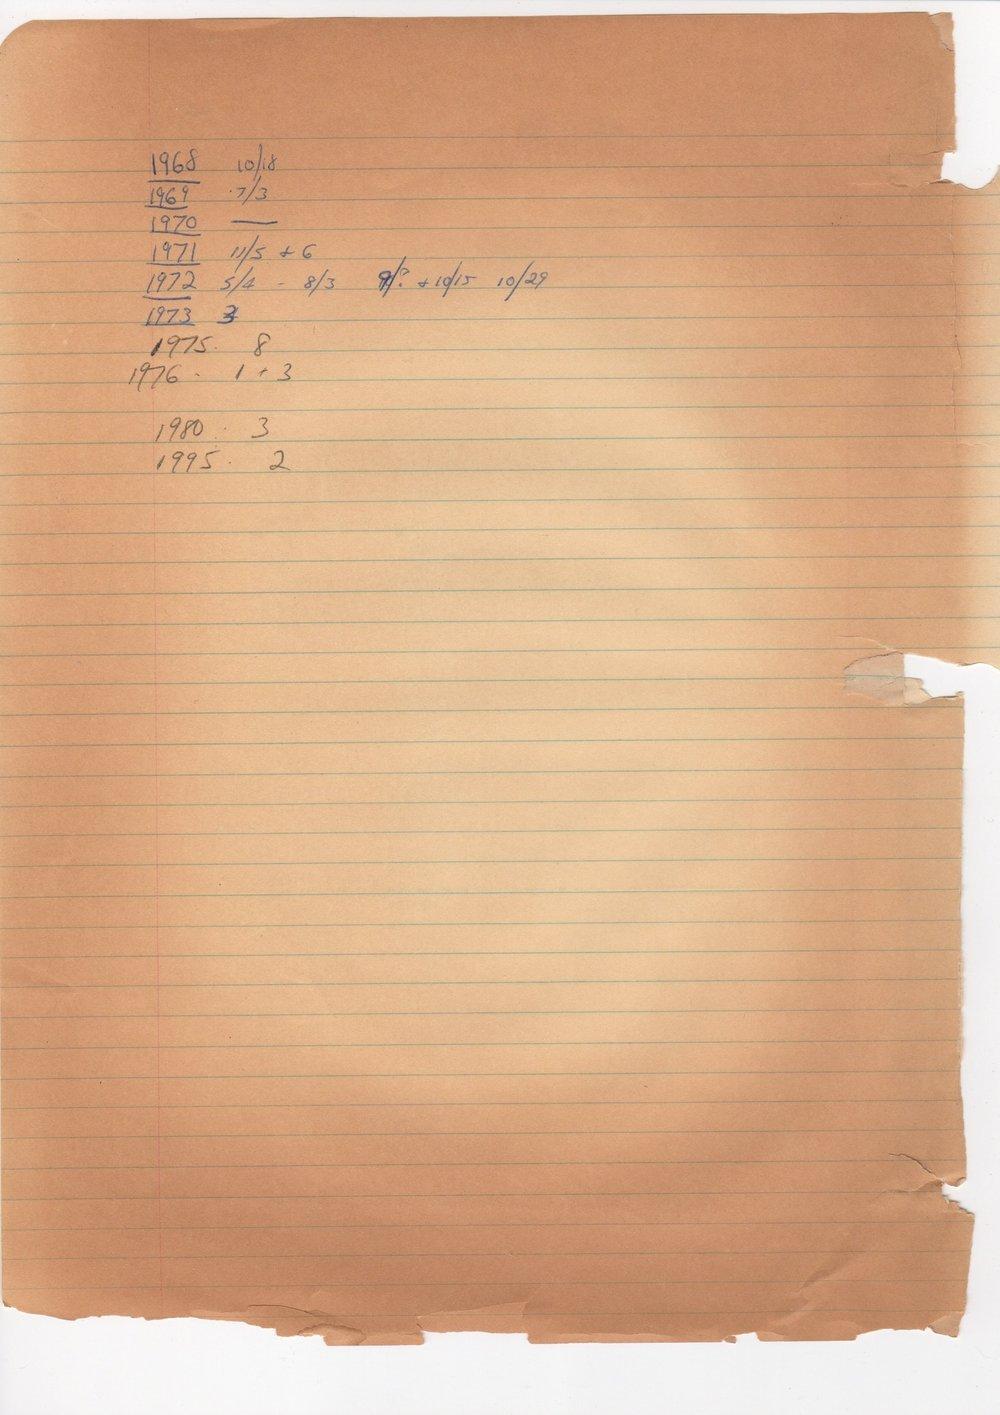 NB1_Page65.jpeg